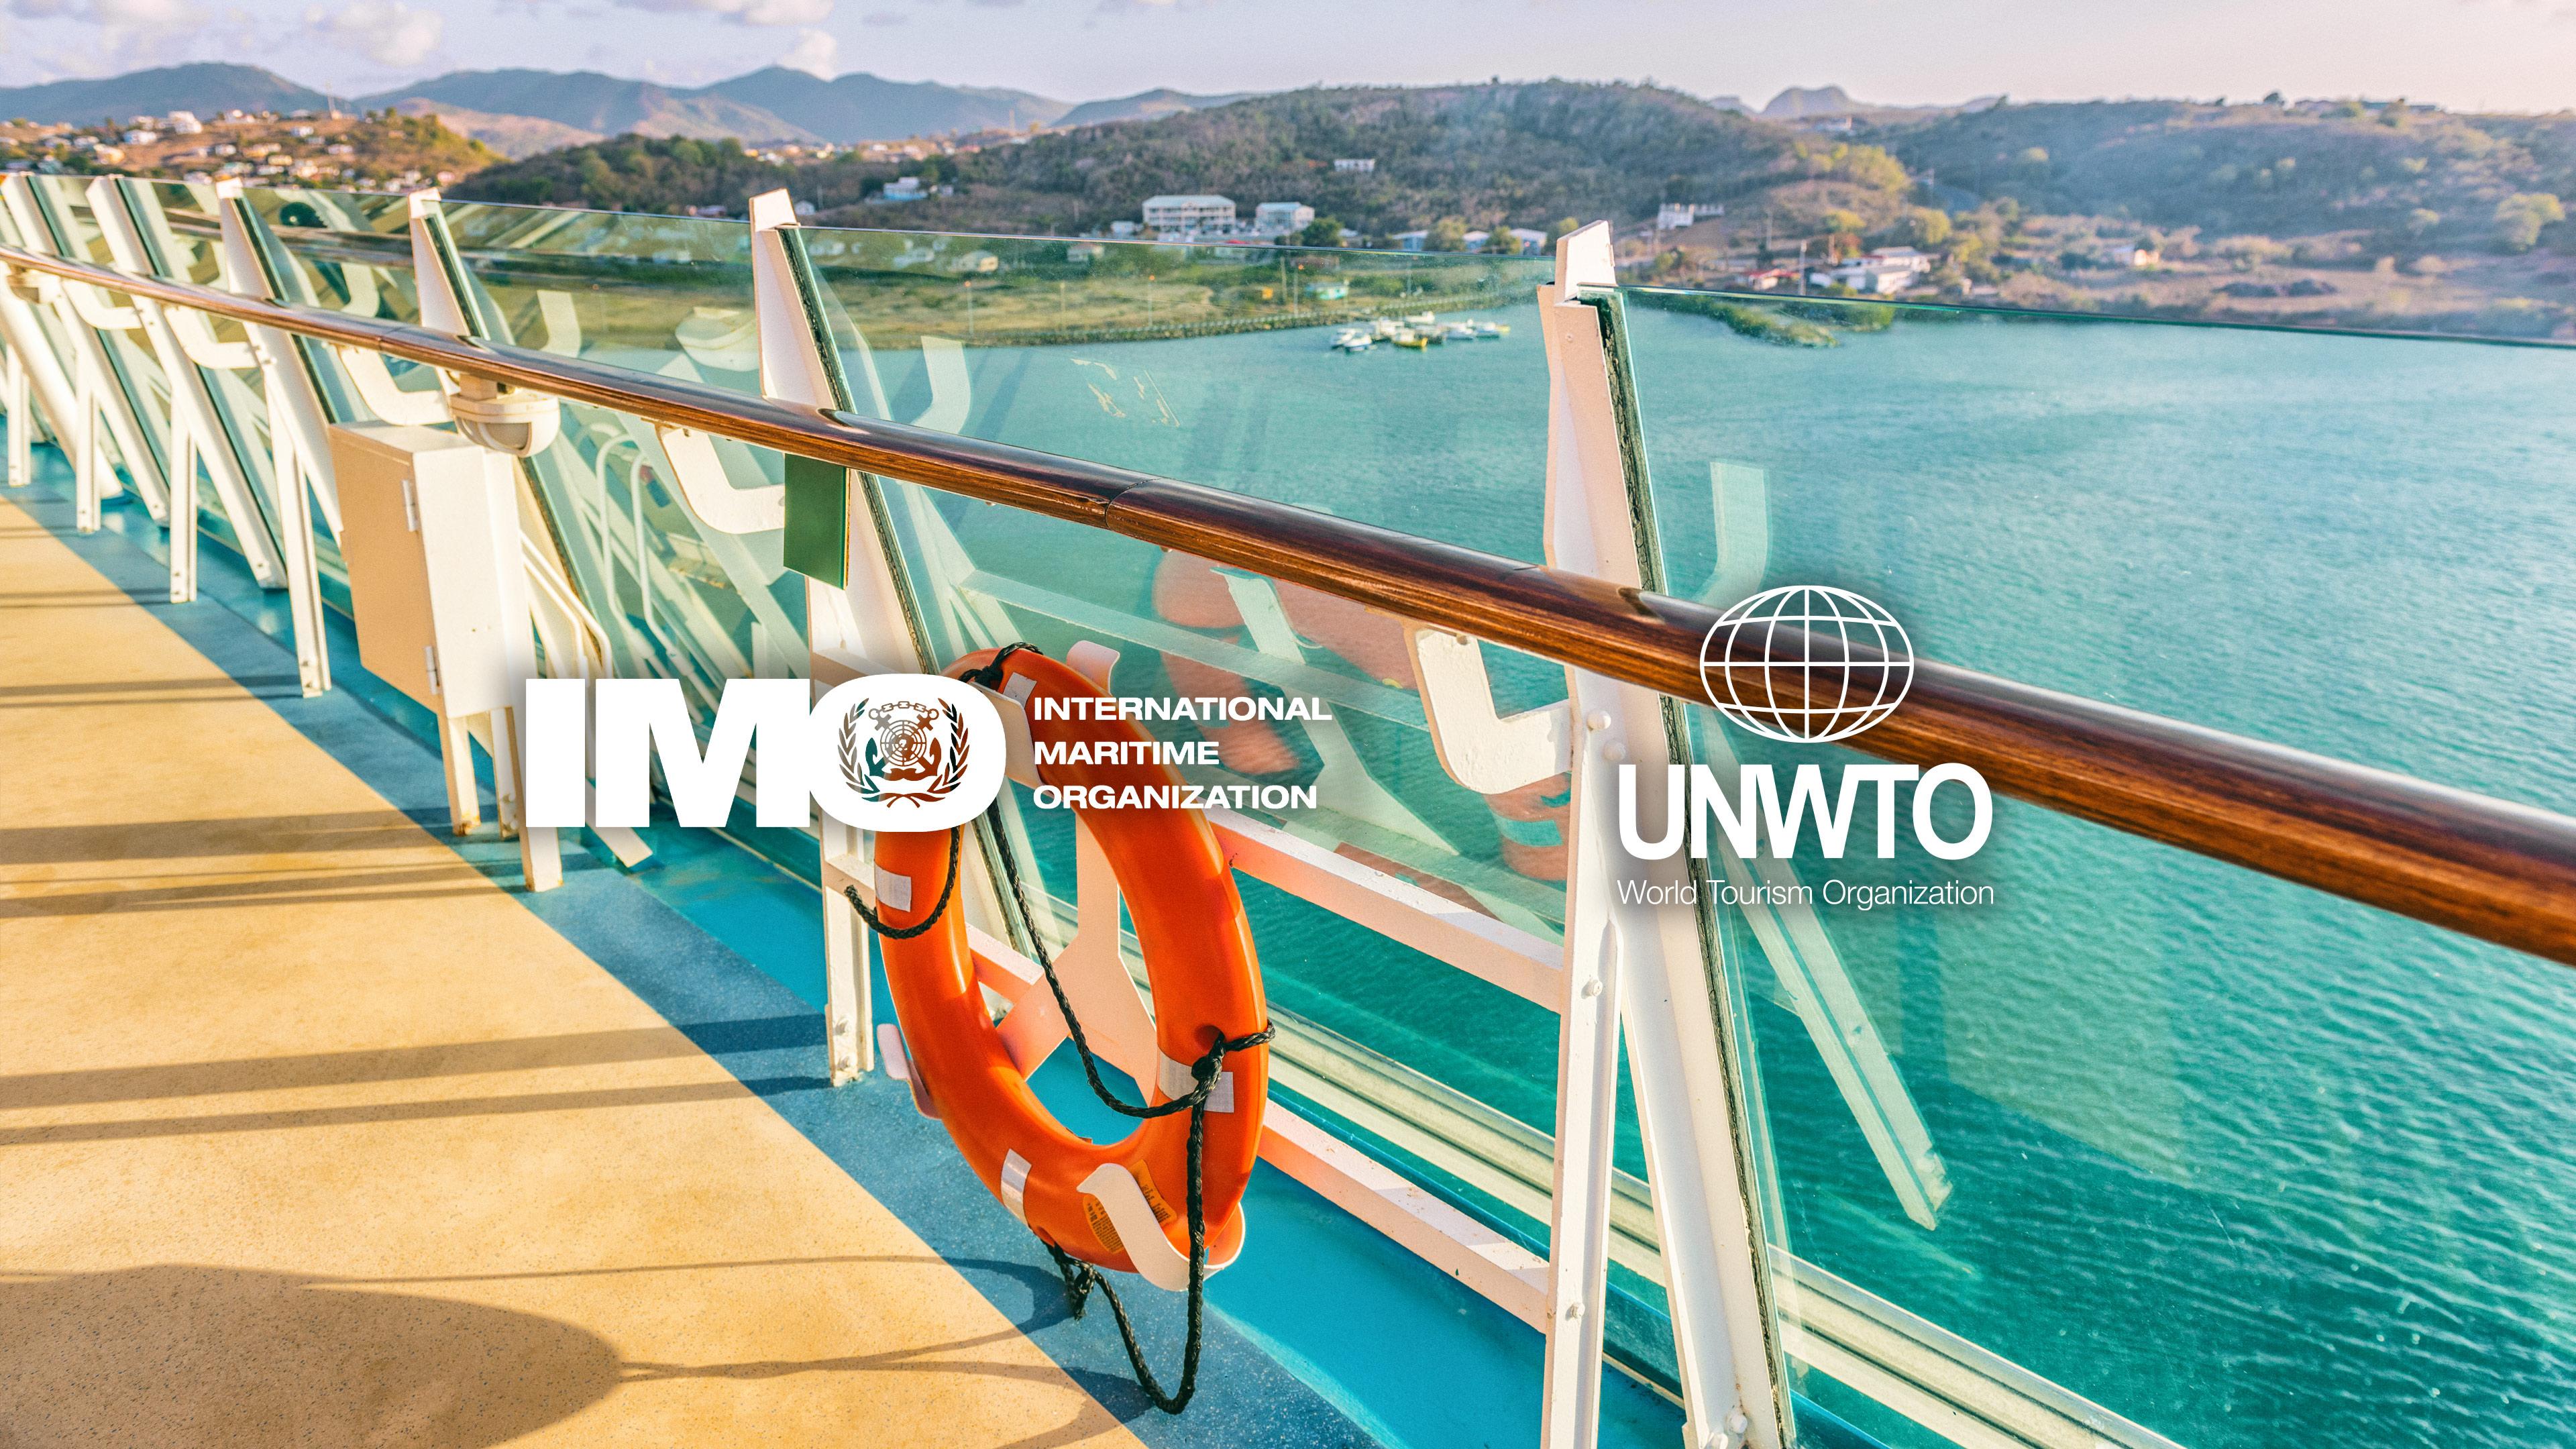 L'OMT et l'OMI publient une déclaration commune en faveur d'une reprise sûre des opérations de croisière